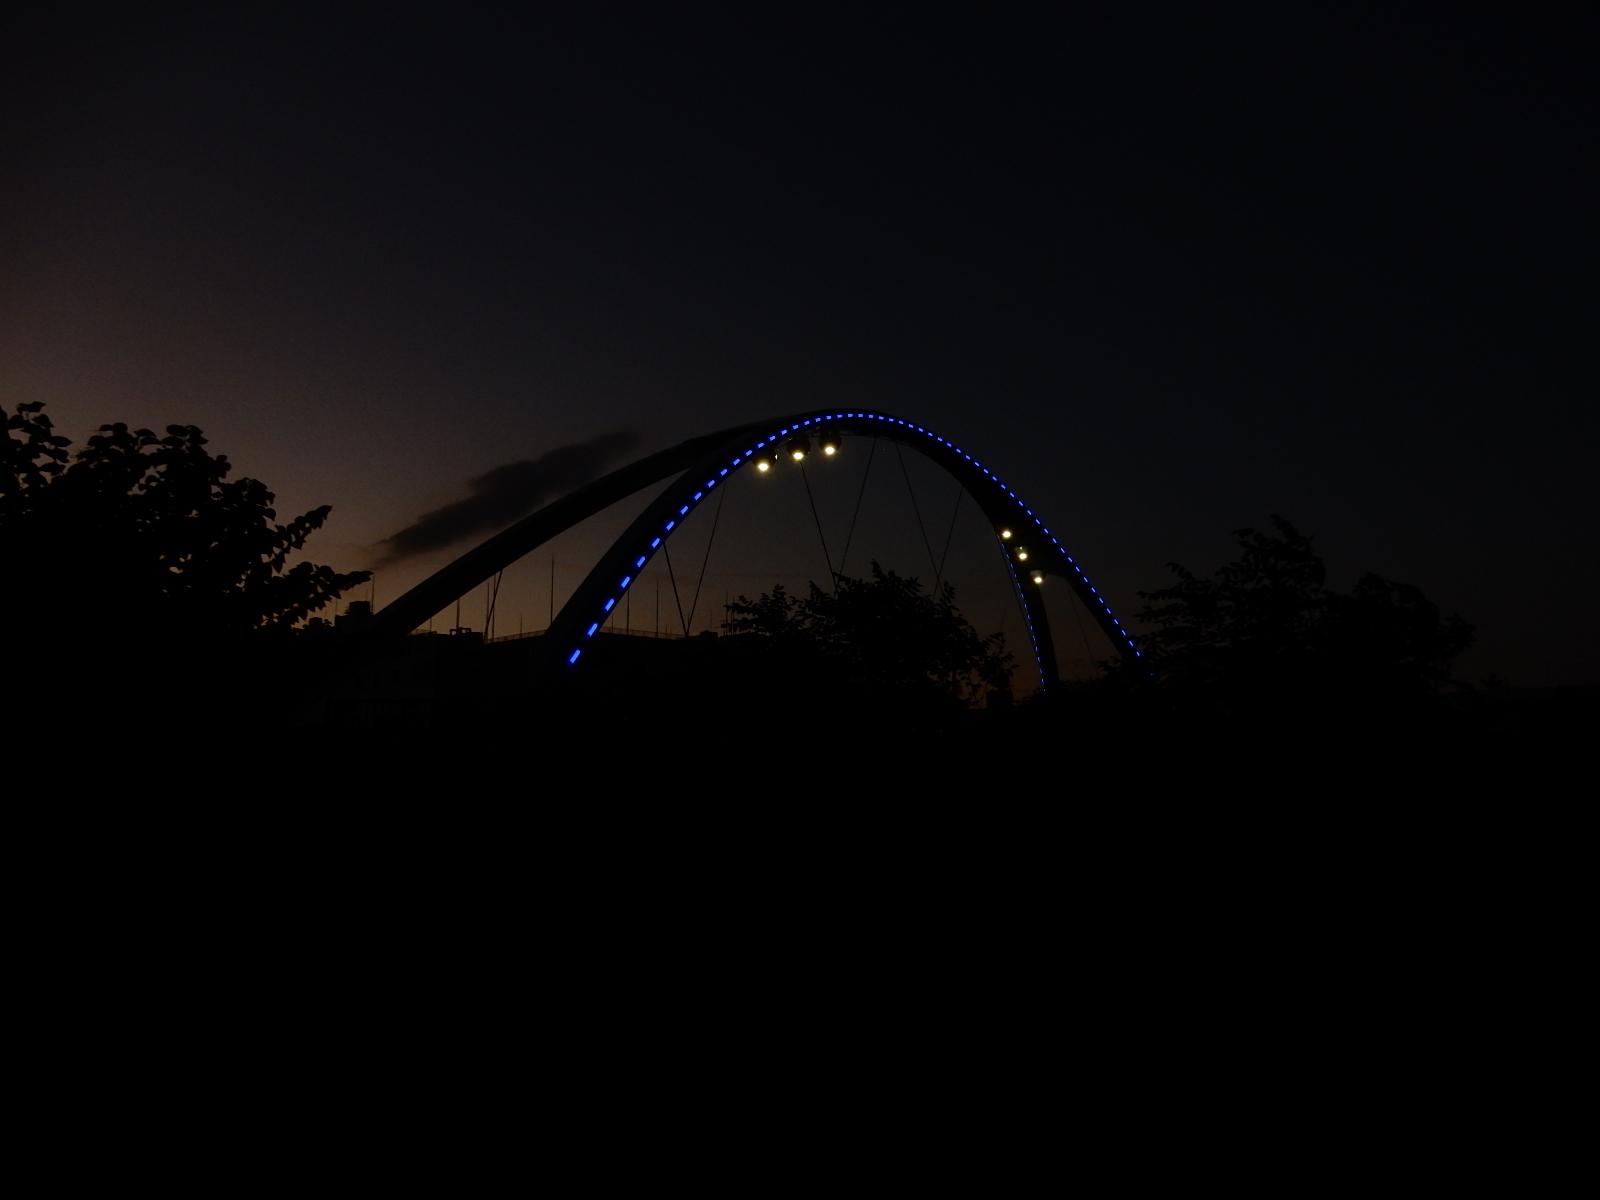 黄昏時のふれあい橋